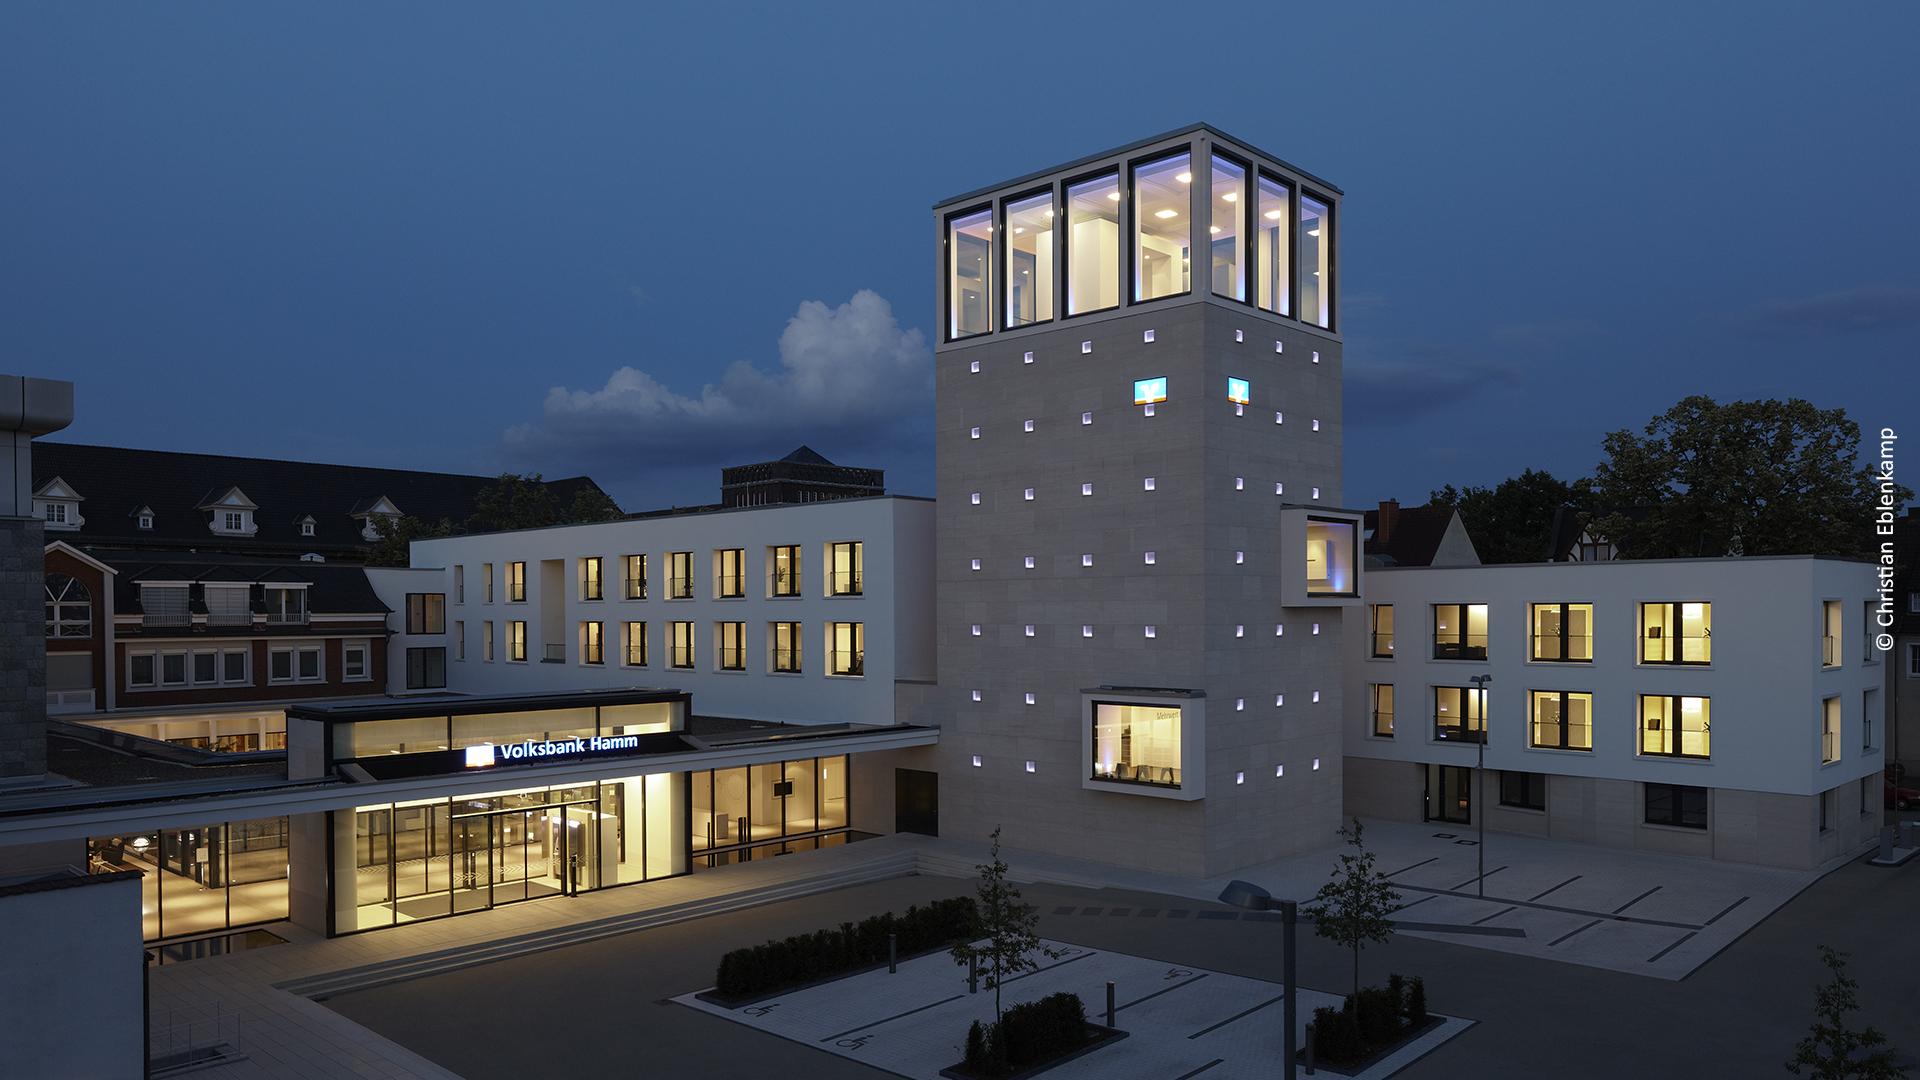 Volksbank Hamm